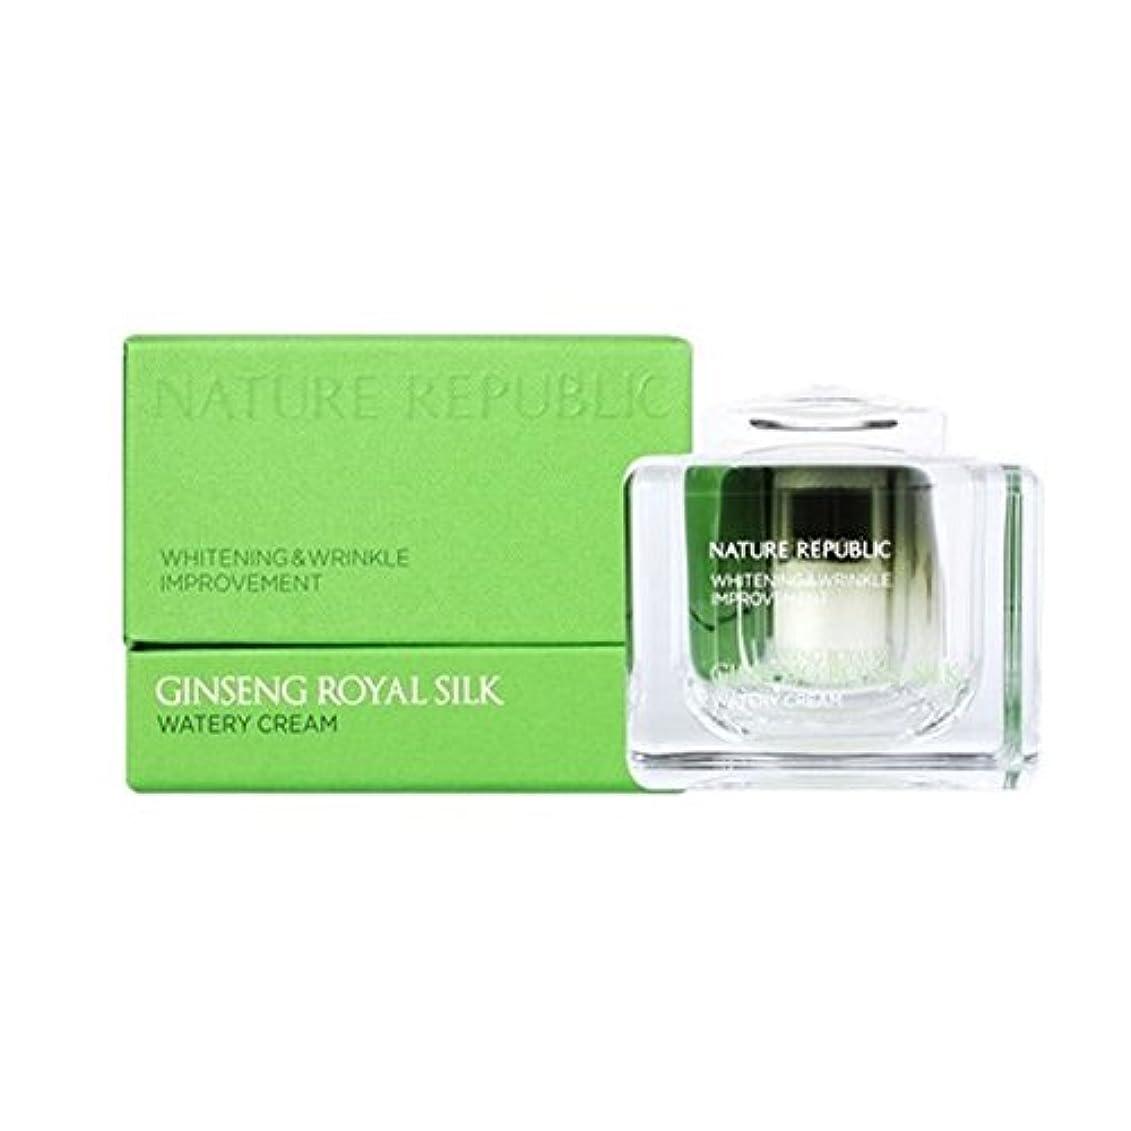 モットーハードウェア俳優ネイチャーリパブリック(NATURE REPUBLIC)ジンセンロイヤルシルクウォトリクリーム 60ml NATURE REPUBLIC Ginseng Royal Silk Watery Cream 60ml [並行輸入品]